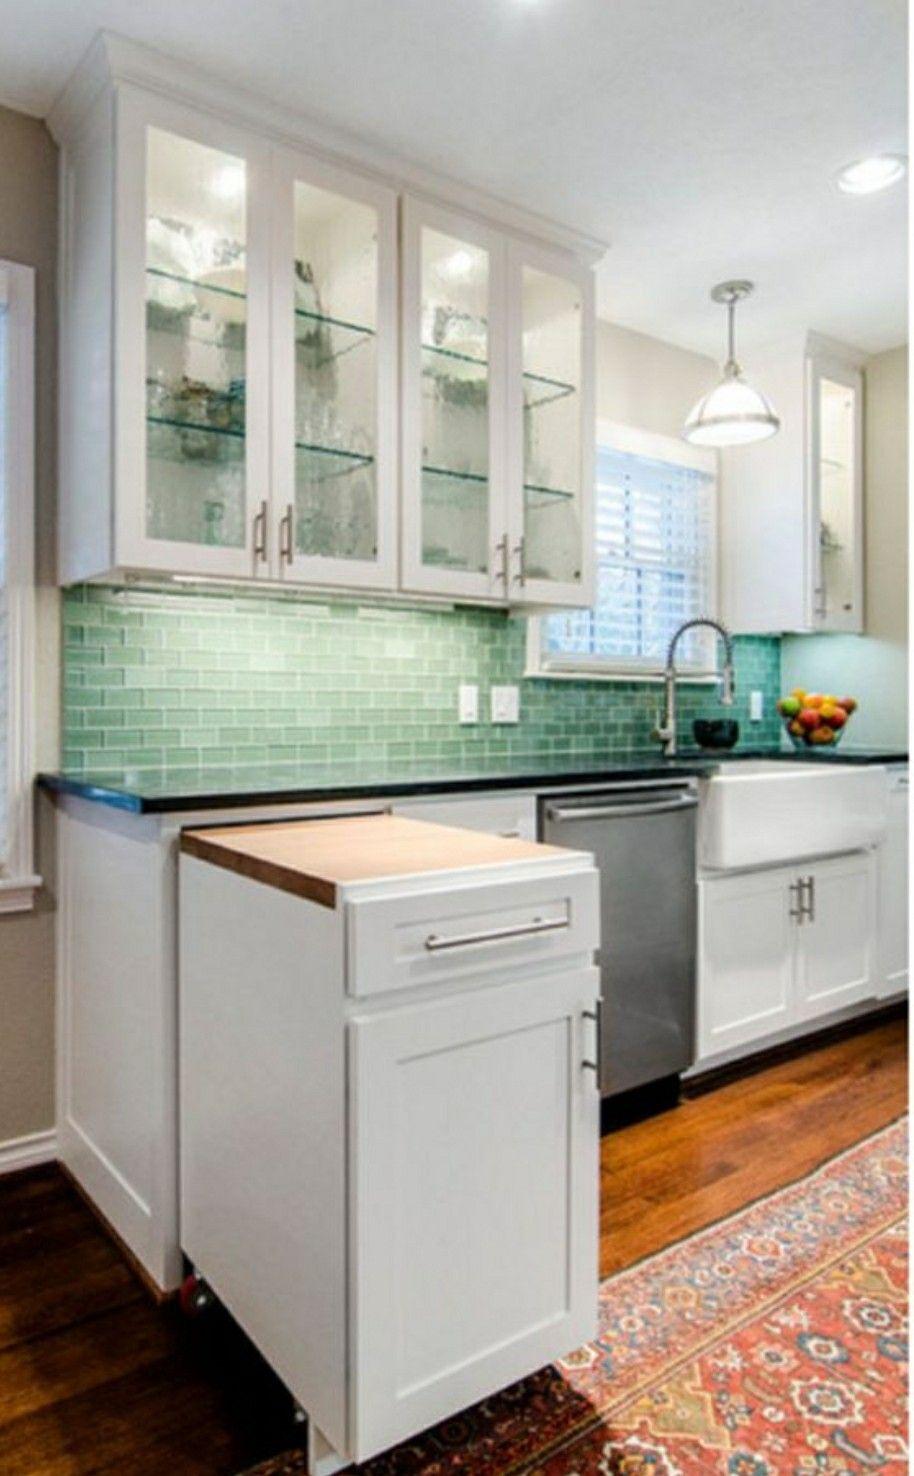 Mobilna wyspa, dodatkowa przestrzeń do pracy w kuchni | Kitchens ...